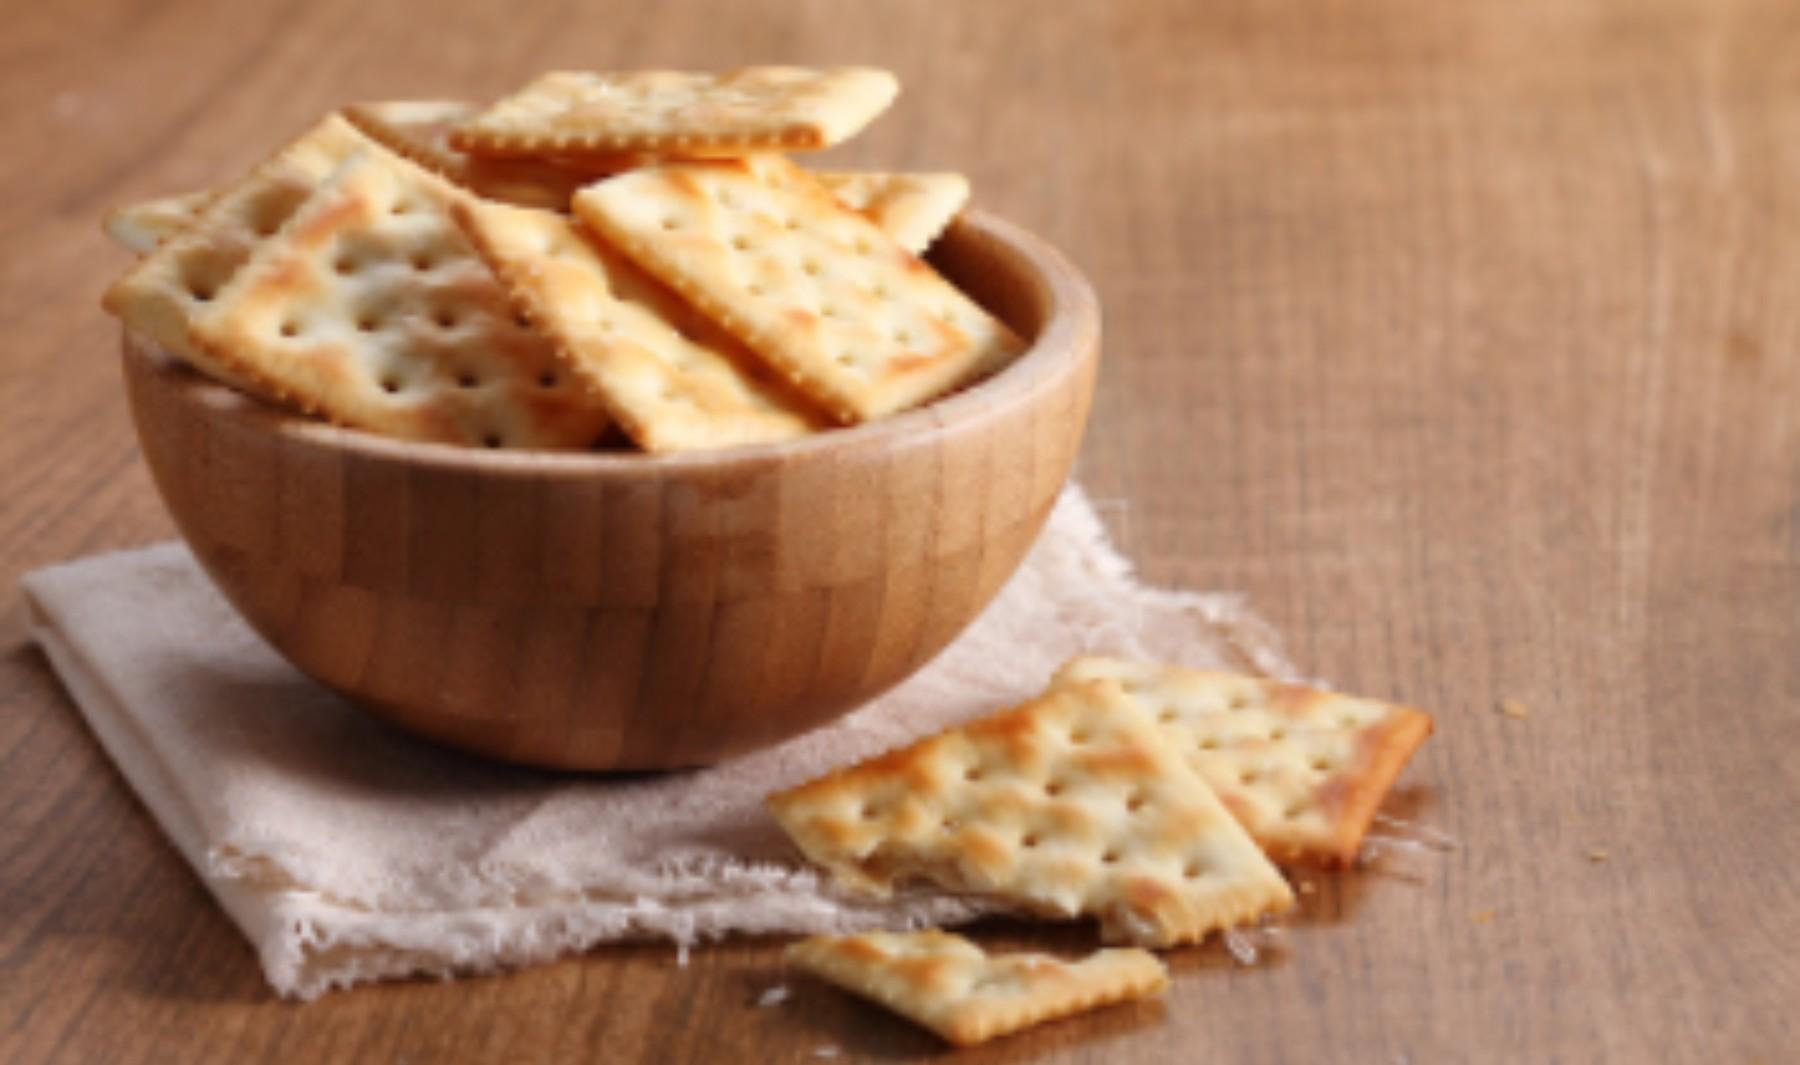 Galletas saladas crackers, receta de picoteo fácil de preparar